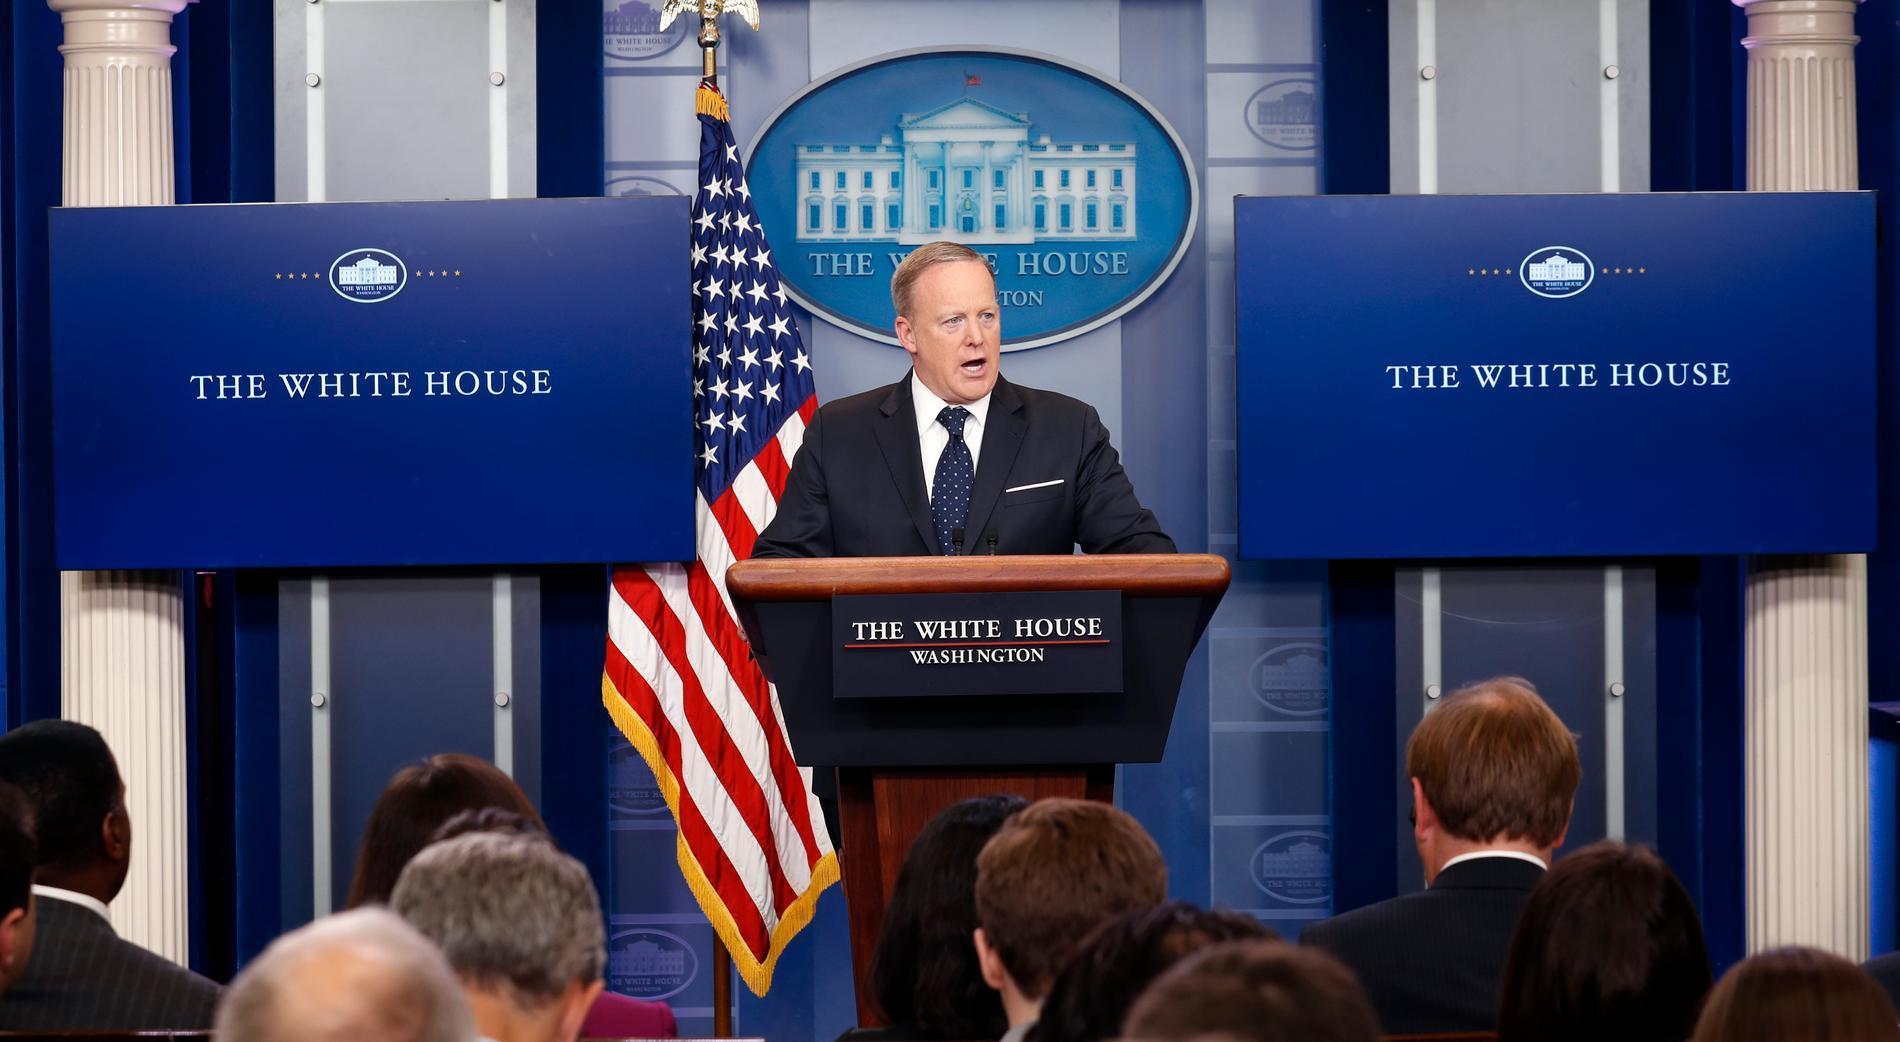 """Vita husets pressekreterare Sean Spicer fick lämna sitt jobb efter flera kritiserade framträdanden där han lade fram """"alternativa fakta"""" till stöd för presidenten."""